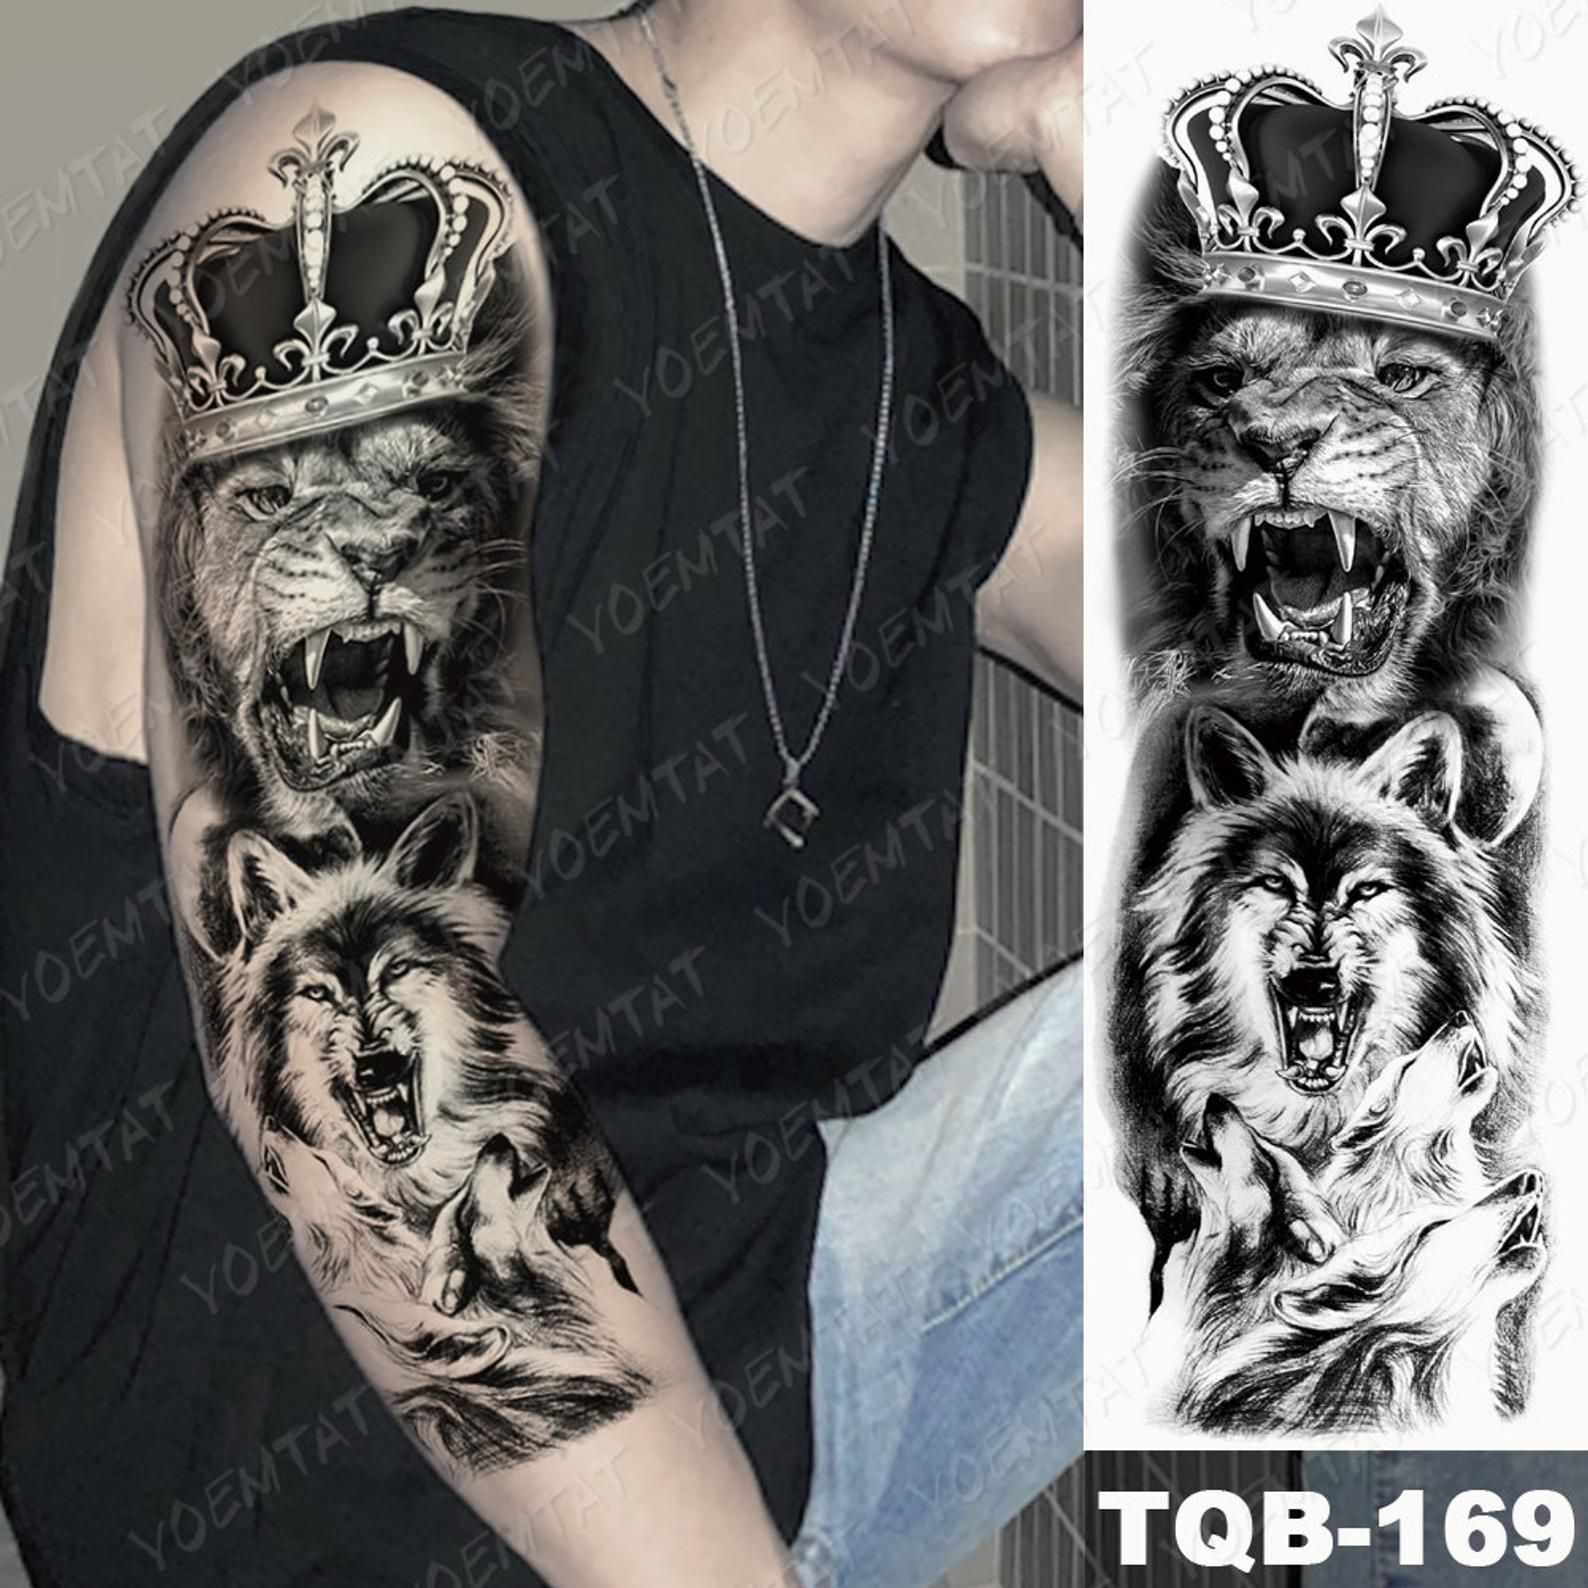 Temporary tattoo sleeve fake tattoo sleeve Temporary